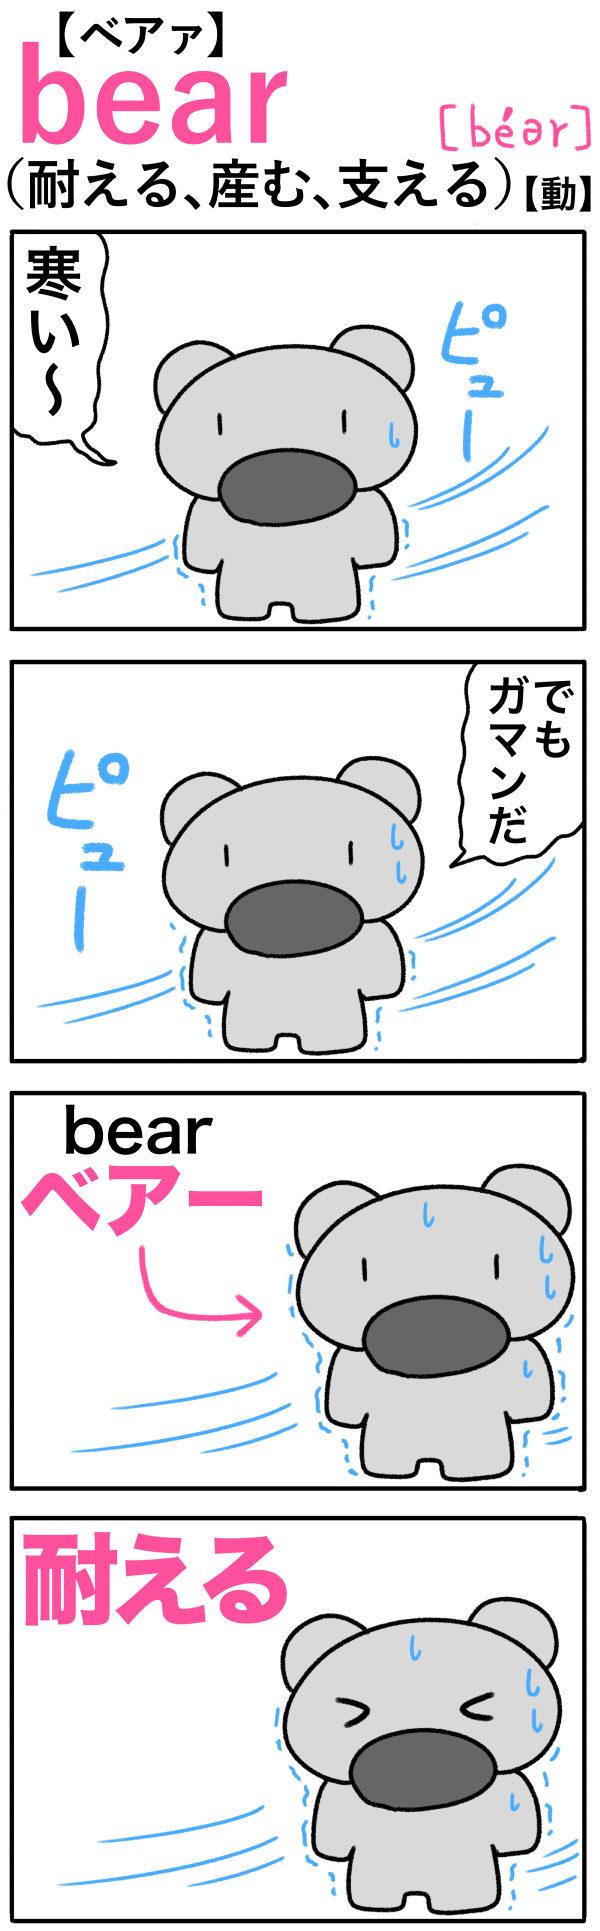 bear(耐える)の語呂合わせ英単語